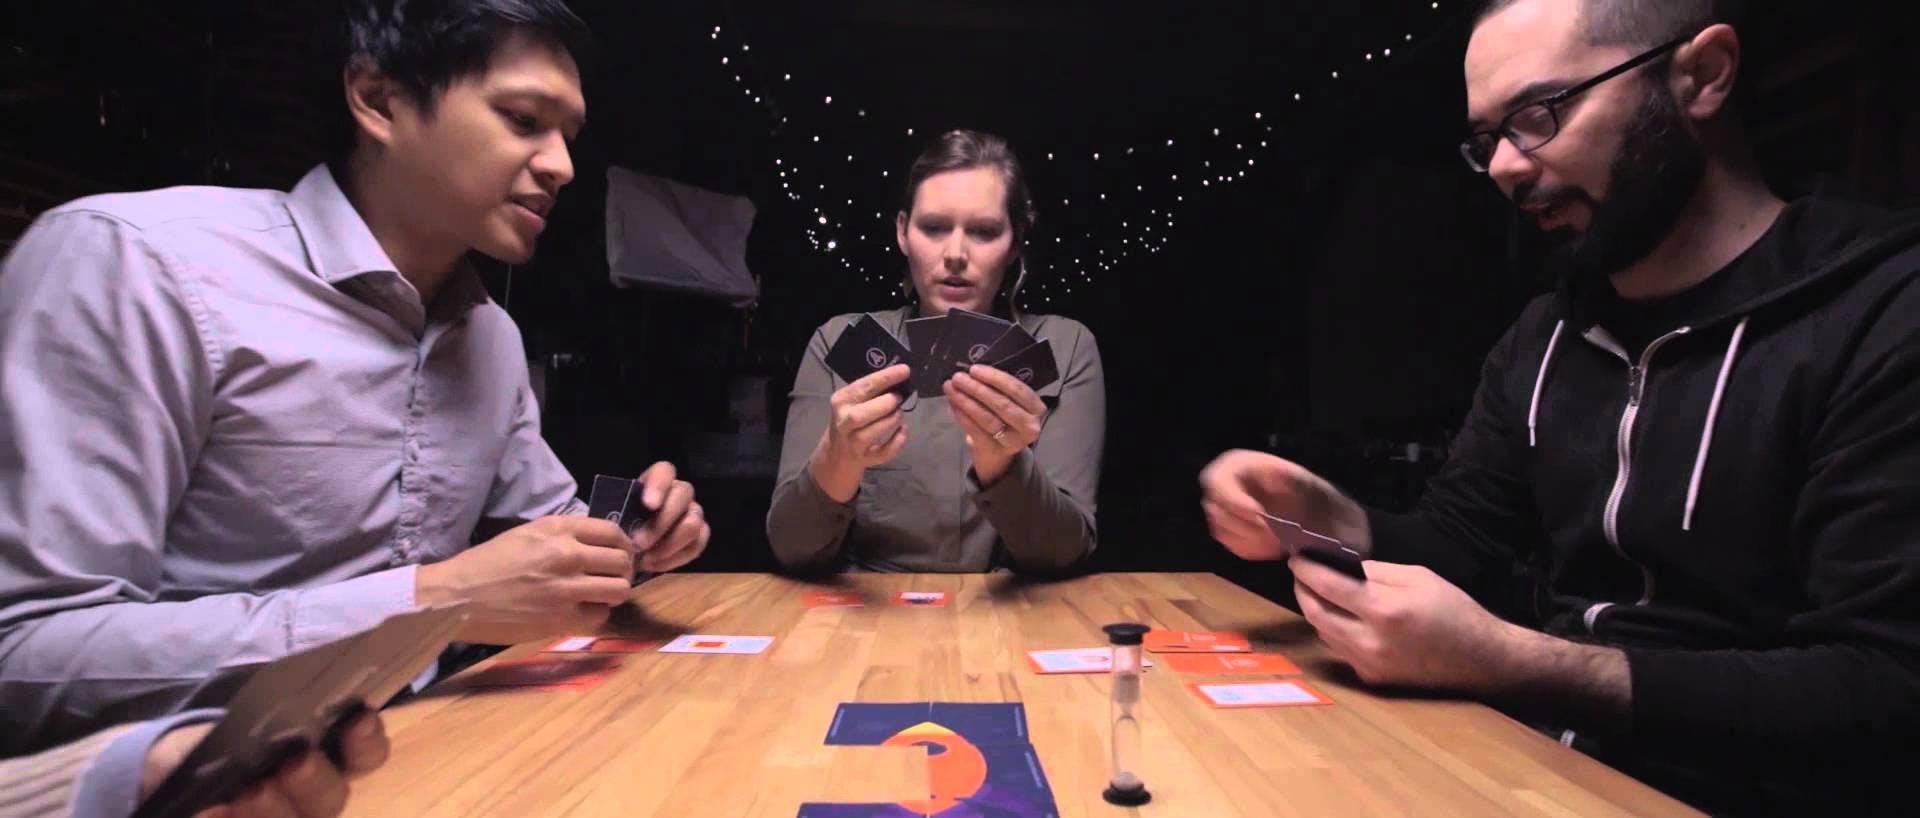 Best board games : Spaceteam